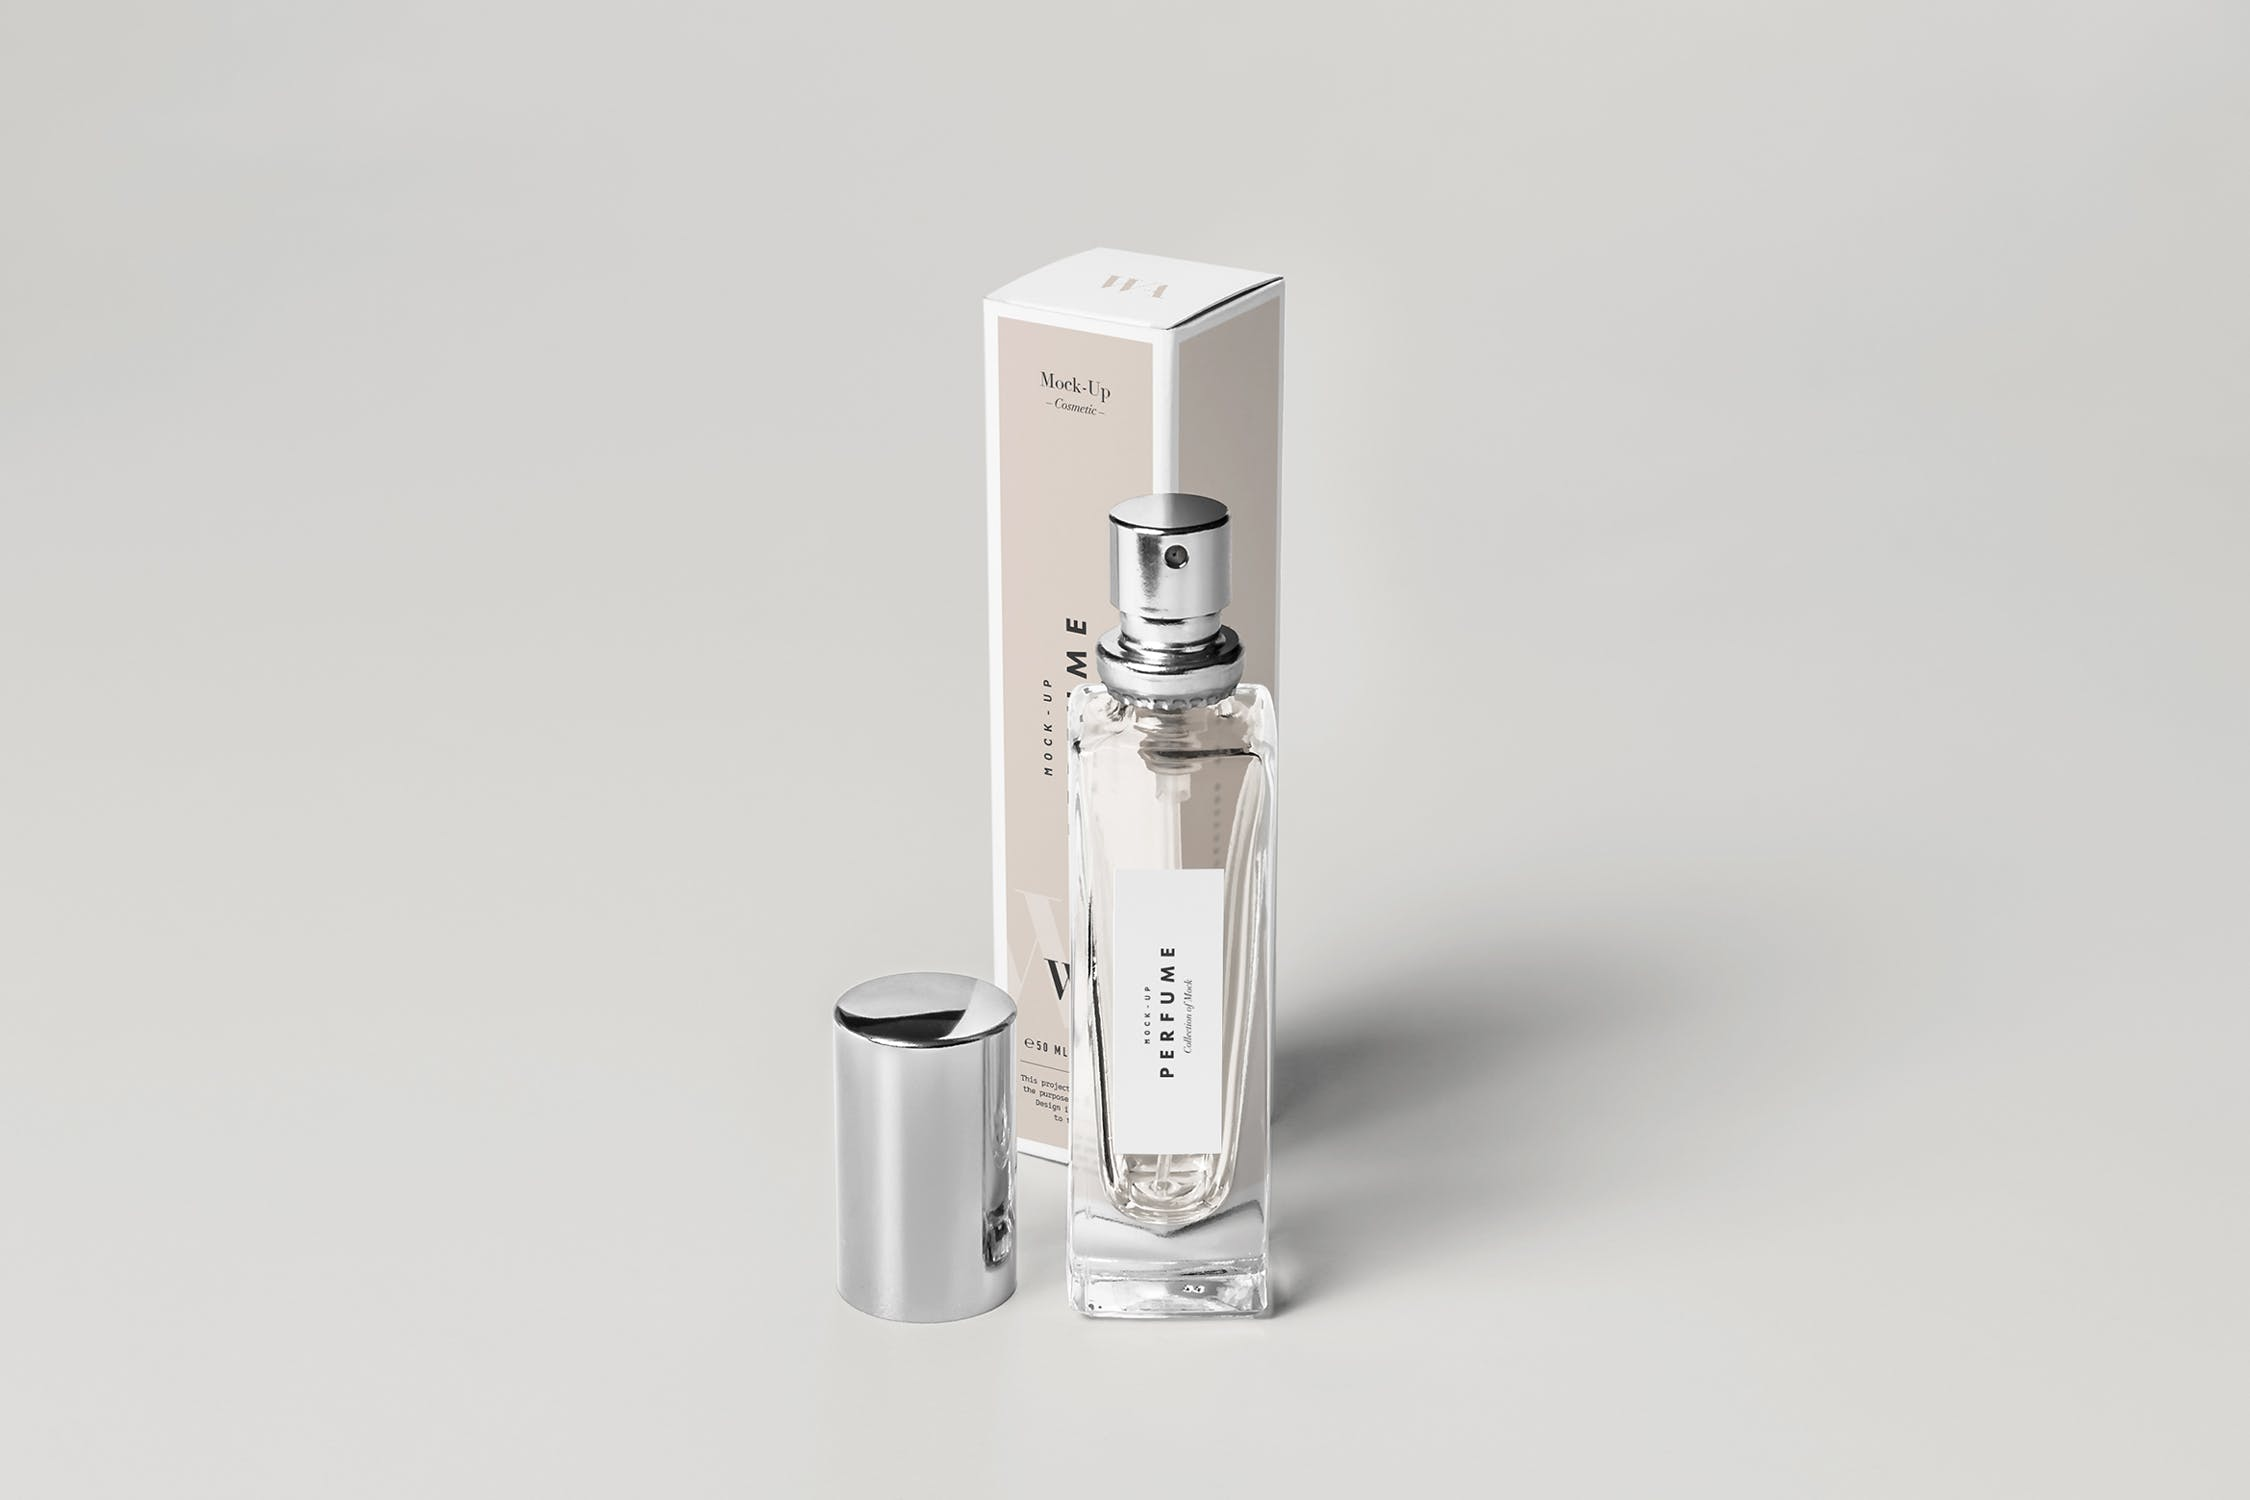 高端香水包装瓶样机素材下载Perfume Mock-up 2